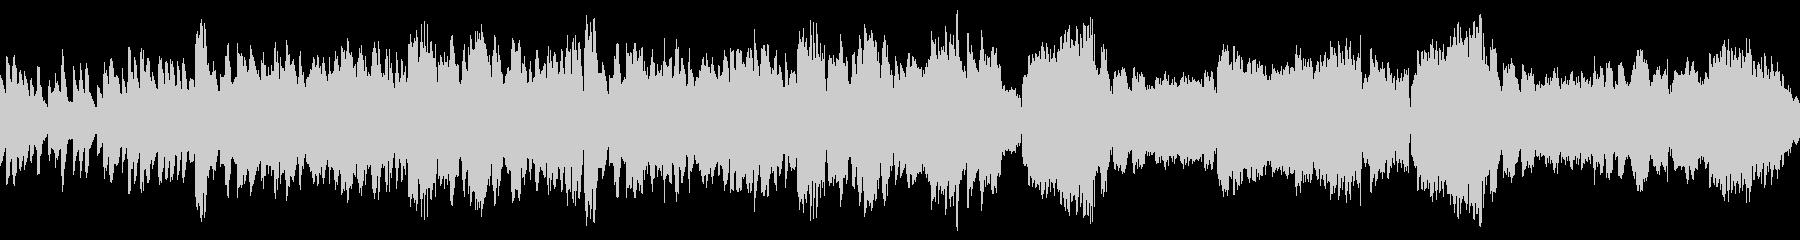 ループ可能な優しいフルートのBGMの未再生の波形